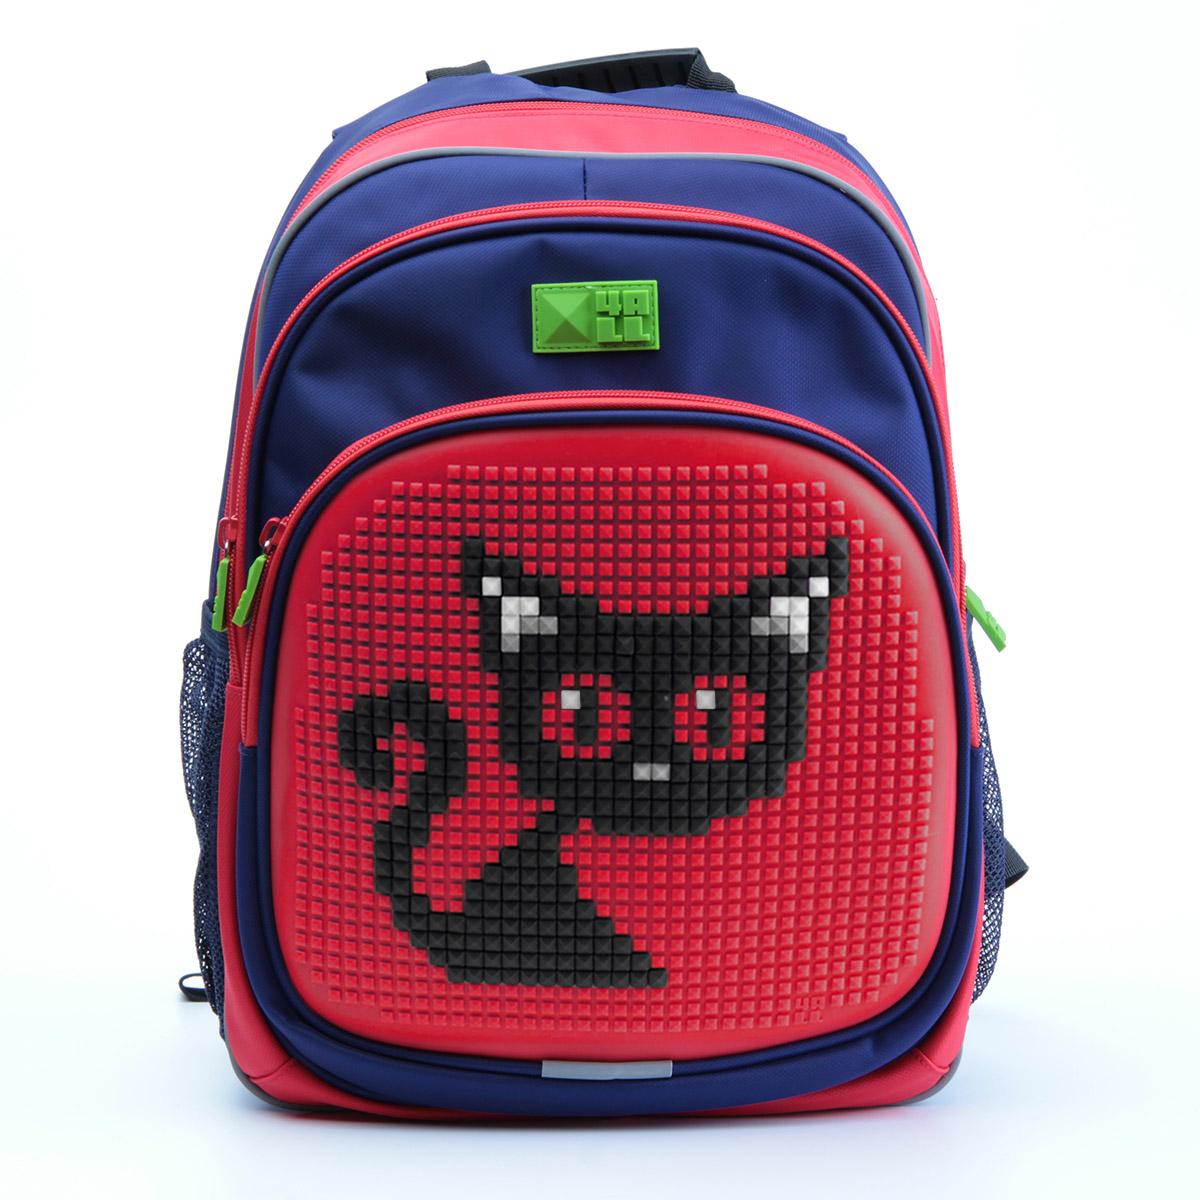 4ALL Рюкзак для девочек Kids цвет темно-синий красный72523WDРюкзак бренда 4ALL - это одновременно яркий, функциональный школьный аксессуар и площадка для самовыражения. Заботясь о Вашем комфорте, удобстве и творческом развитии Ваших детей, мы создали уникальные рюкзаки KIDS с силиконовой панелью и разноцветные мозаичные БИТЫ с помощью которых на рюкзаке можно создавать графические шедевры хоть каждый день! Особенности:AIR COMFORT system:- Система свободной циркуляции воздуха между задней стенкой рюкзака и спиной ребенка.ERGO system:- Разработанная нами система ERGO служит равномерному распределению нагрузки на спину ребенка. Она способна сделать рюкзак, наполненный учебниками, легким. ERGO служит сохранению правильной осанки и заботится о здоровье позвоночника!Ортопедическая спина:- Важное свойство наших рюкзаков - ортопедическая спина! Способна как корсет поддерживать позвоночник, правильно распределяя нагрузку.А также:- Гипоаллергенный силикон;- Водоотталкивающие материалы;- Устойчивость всех материалов к температурам воздуха ниже 0!Дополнительная информация:- Рюкзак уже содержит 1 упаковку разноцветных пикселей-битов (300 шт.) и инструкцию для создания базовой картинки.